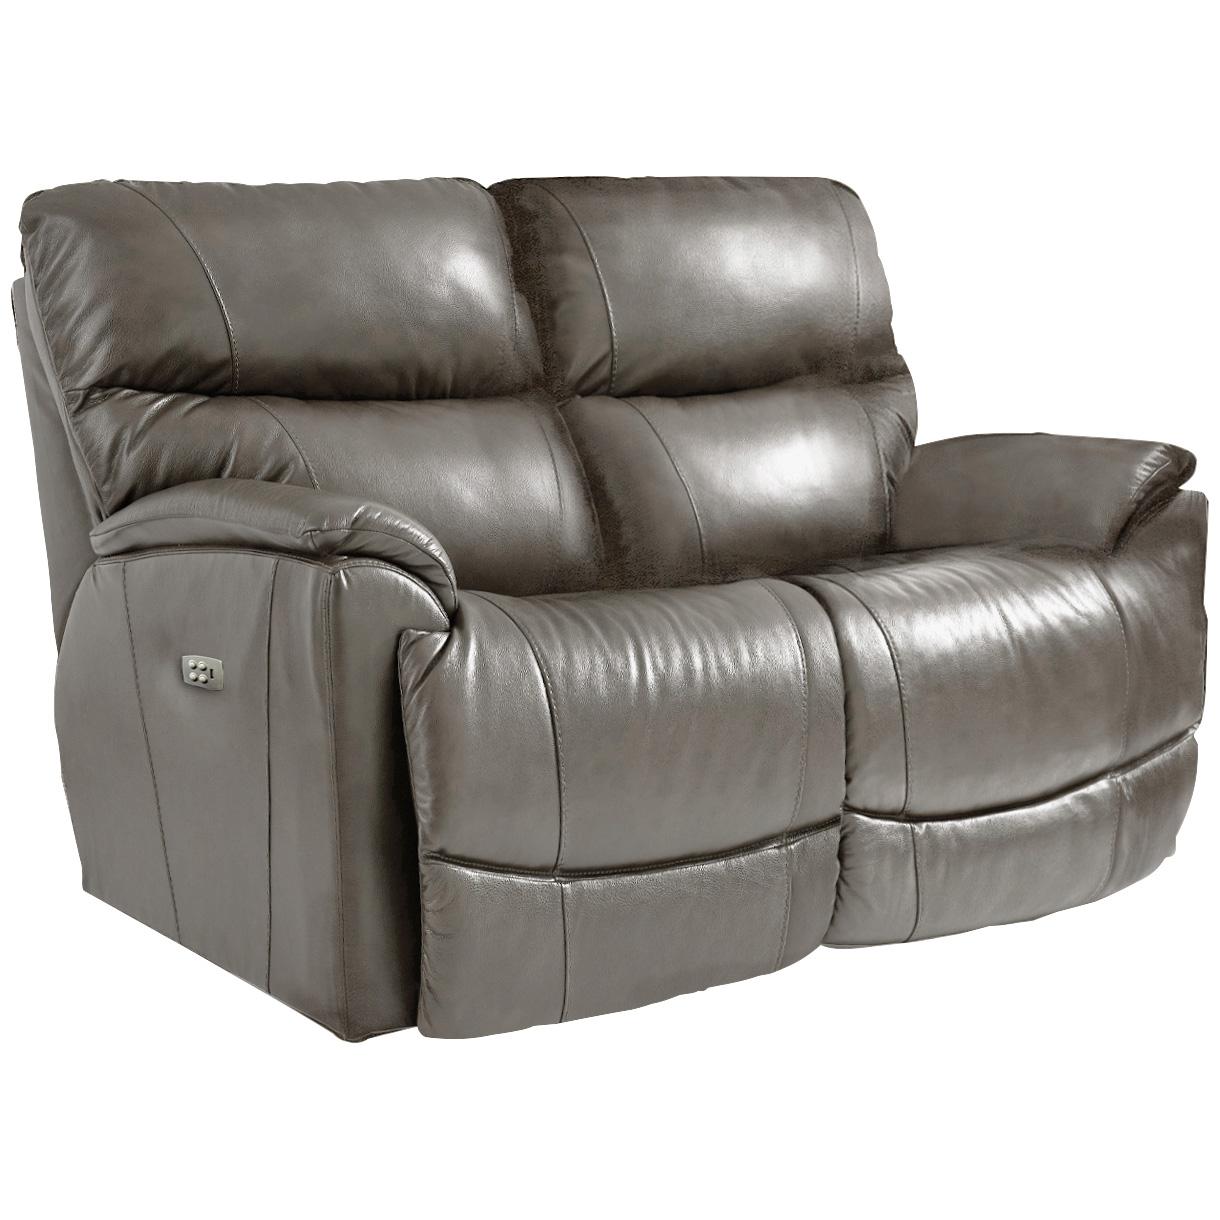 La-Z-Boy | Trouper Gray Leather Power Plus Reclining Loveseat Sofa